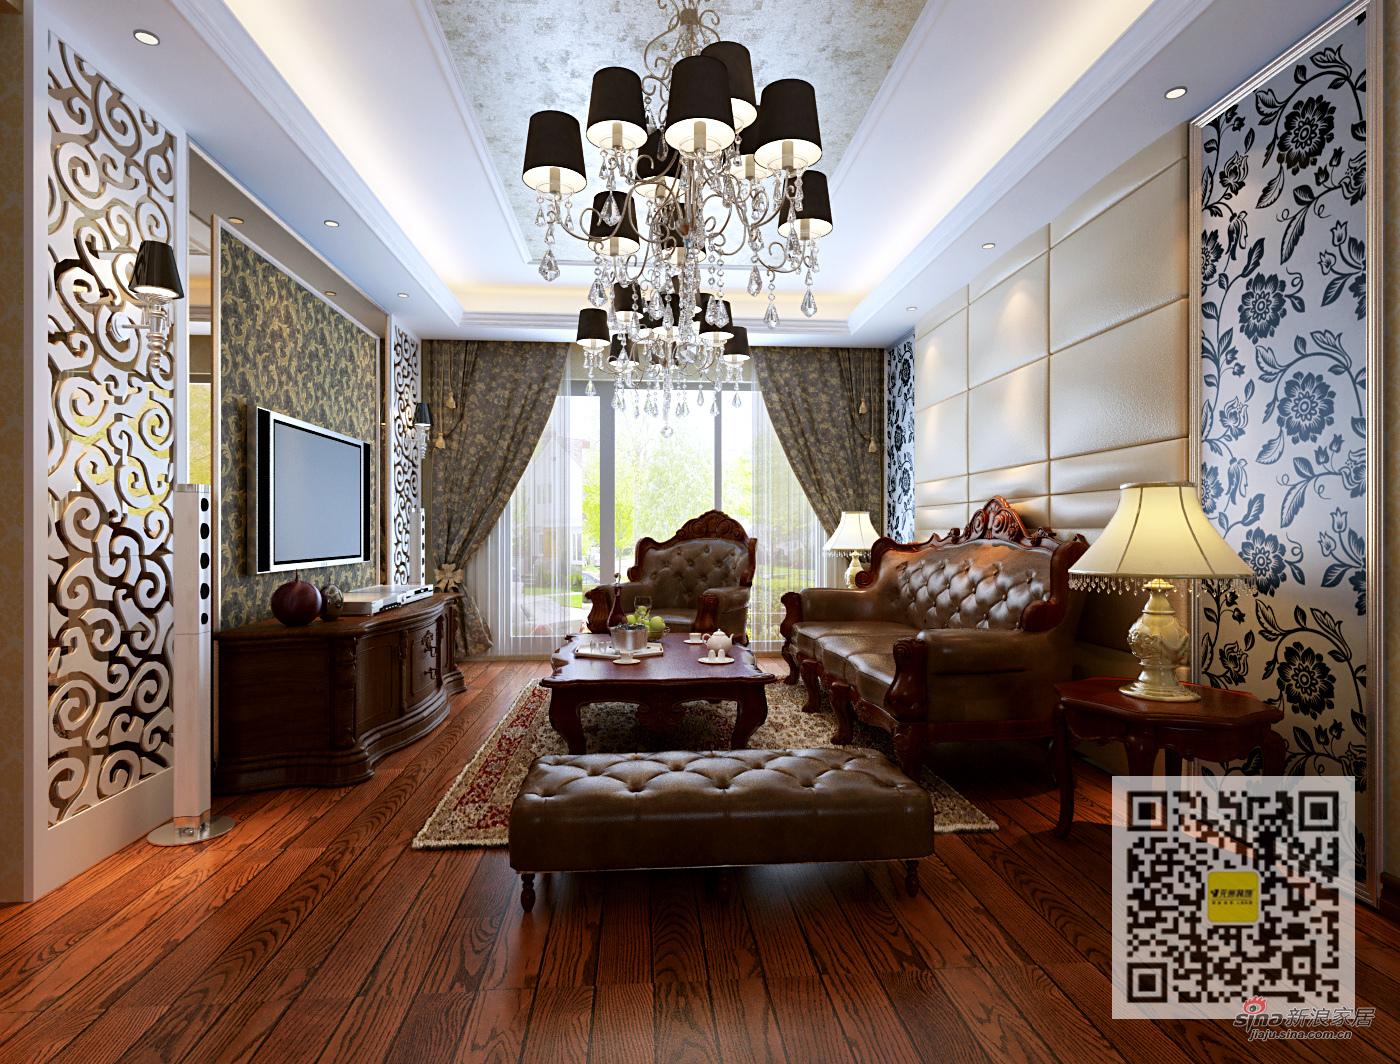 混搭 三居 客厅图片来自用户1907689327在中铁青秀城美式乡村混搭83的分享